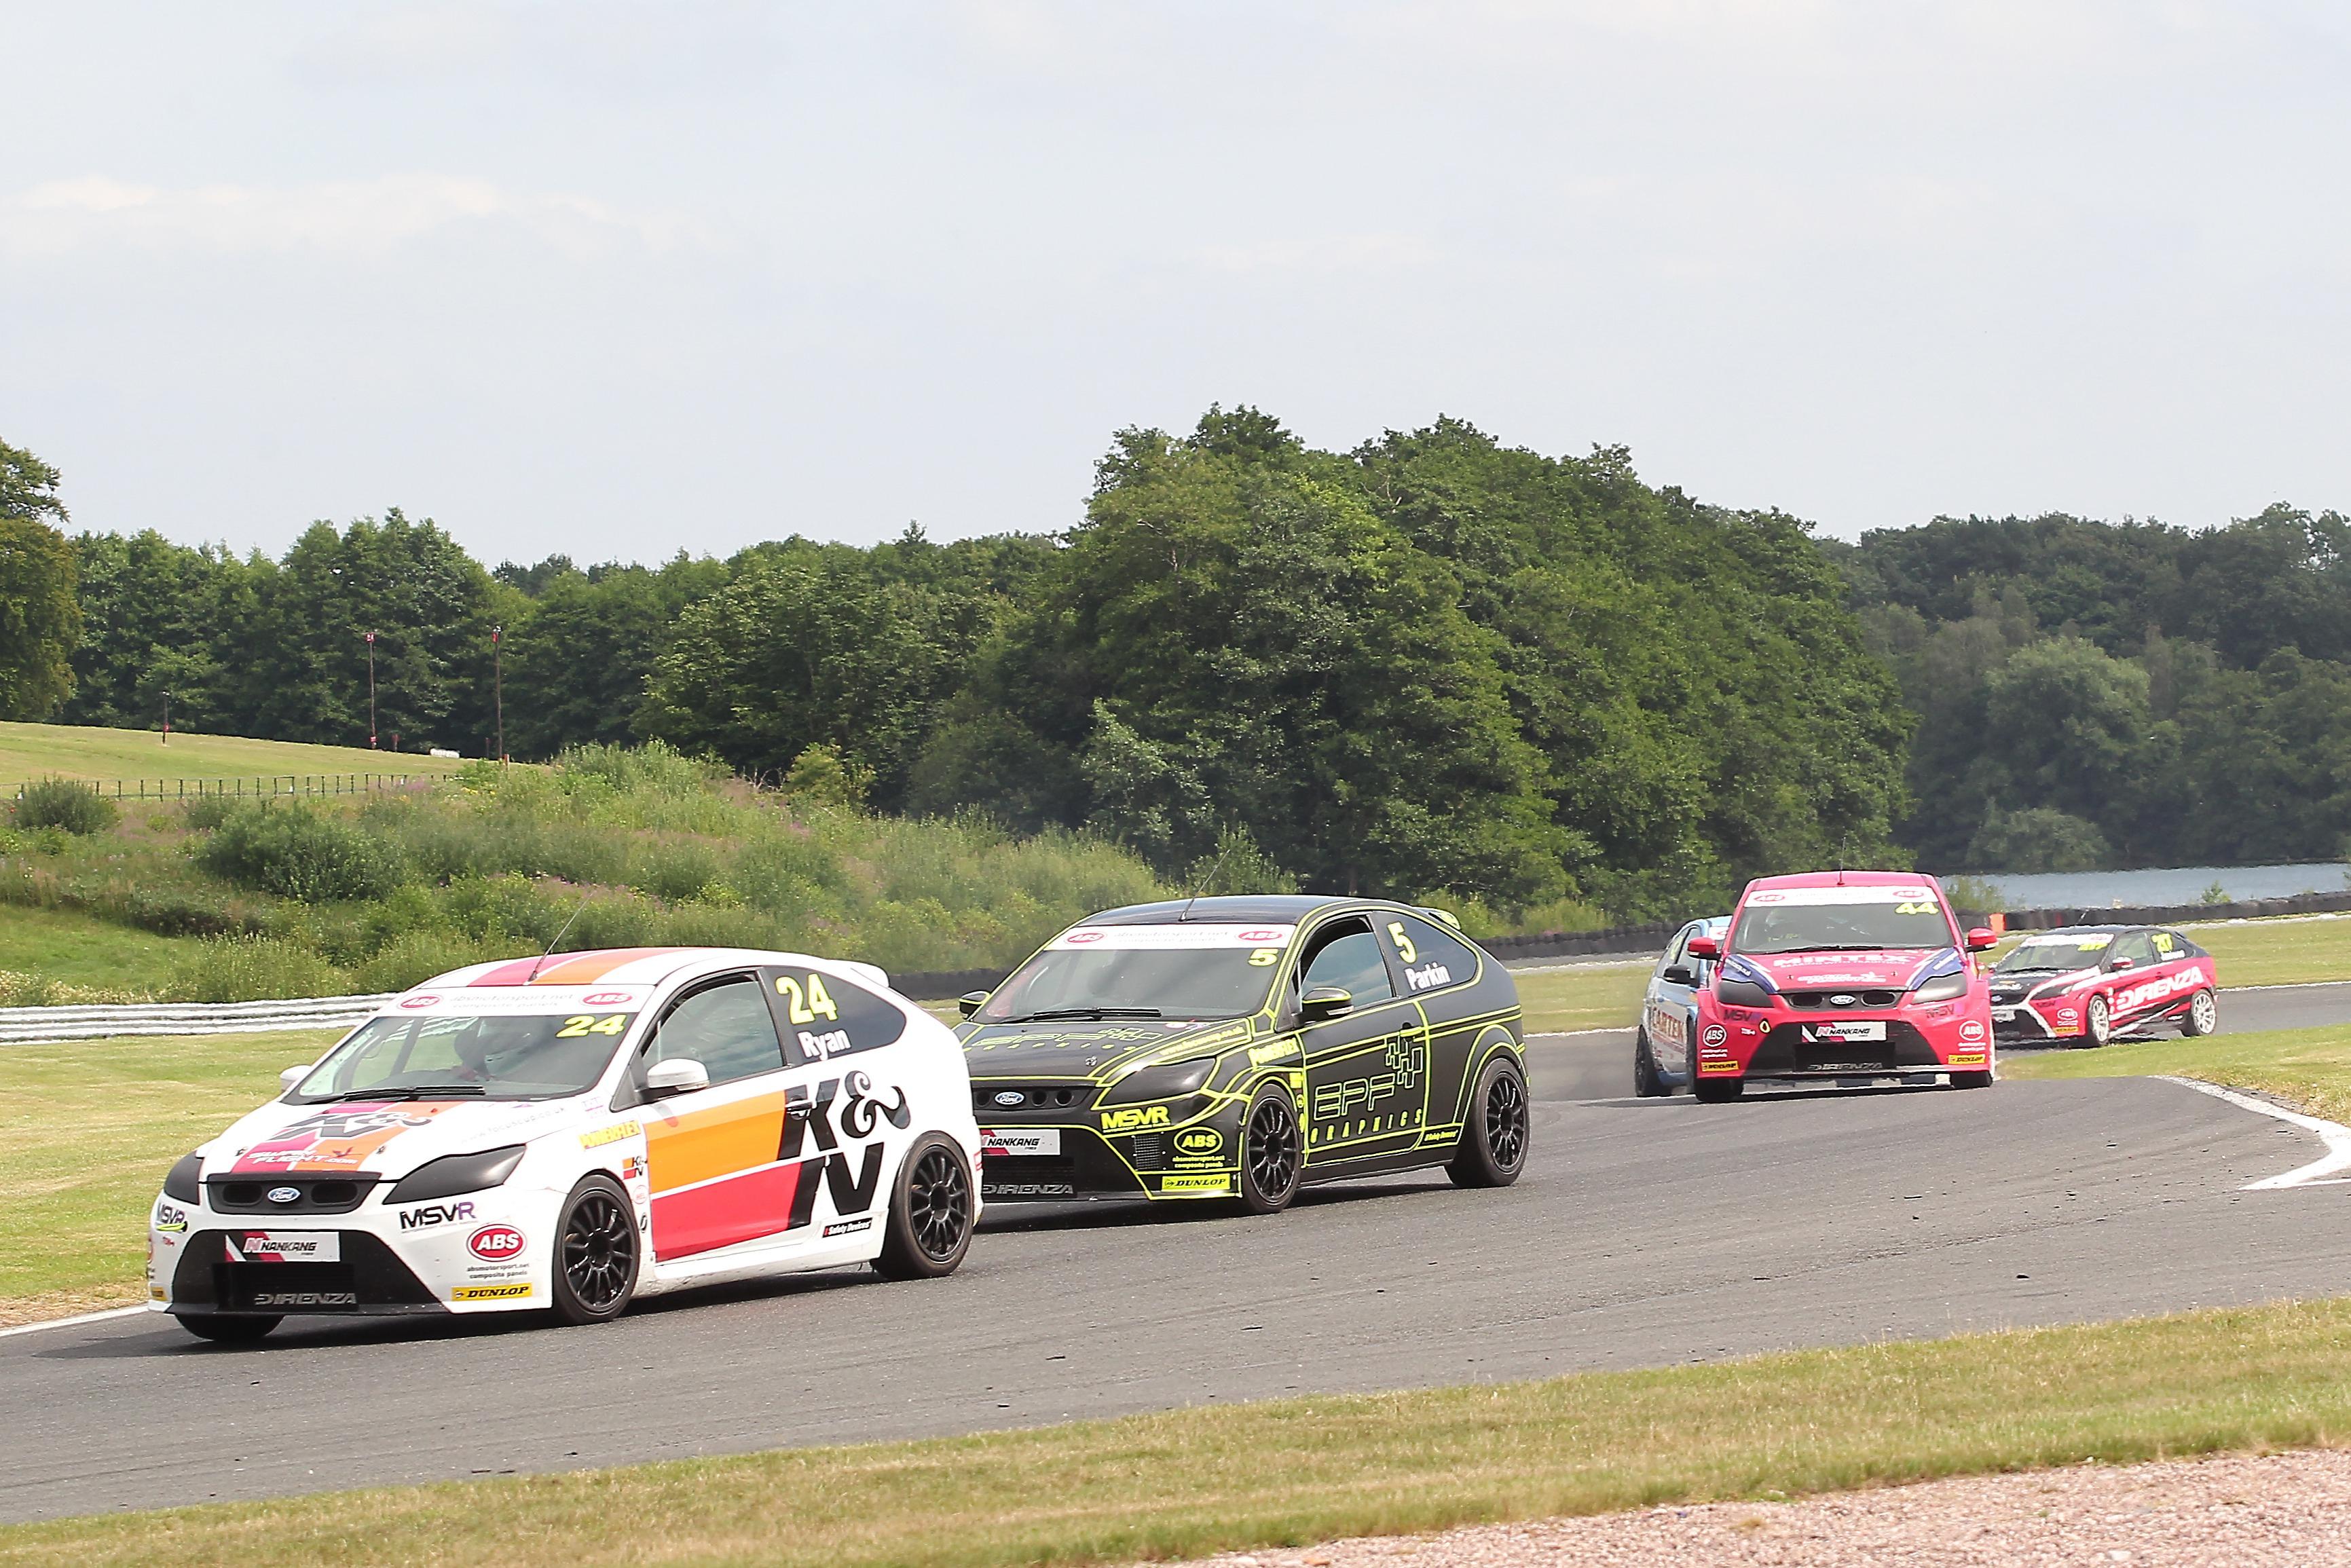 Lewis Ryan, Focus Cup, Oulton Park 2021